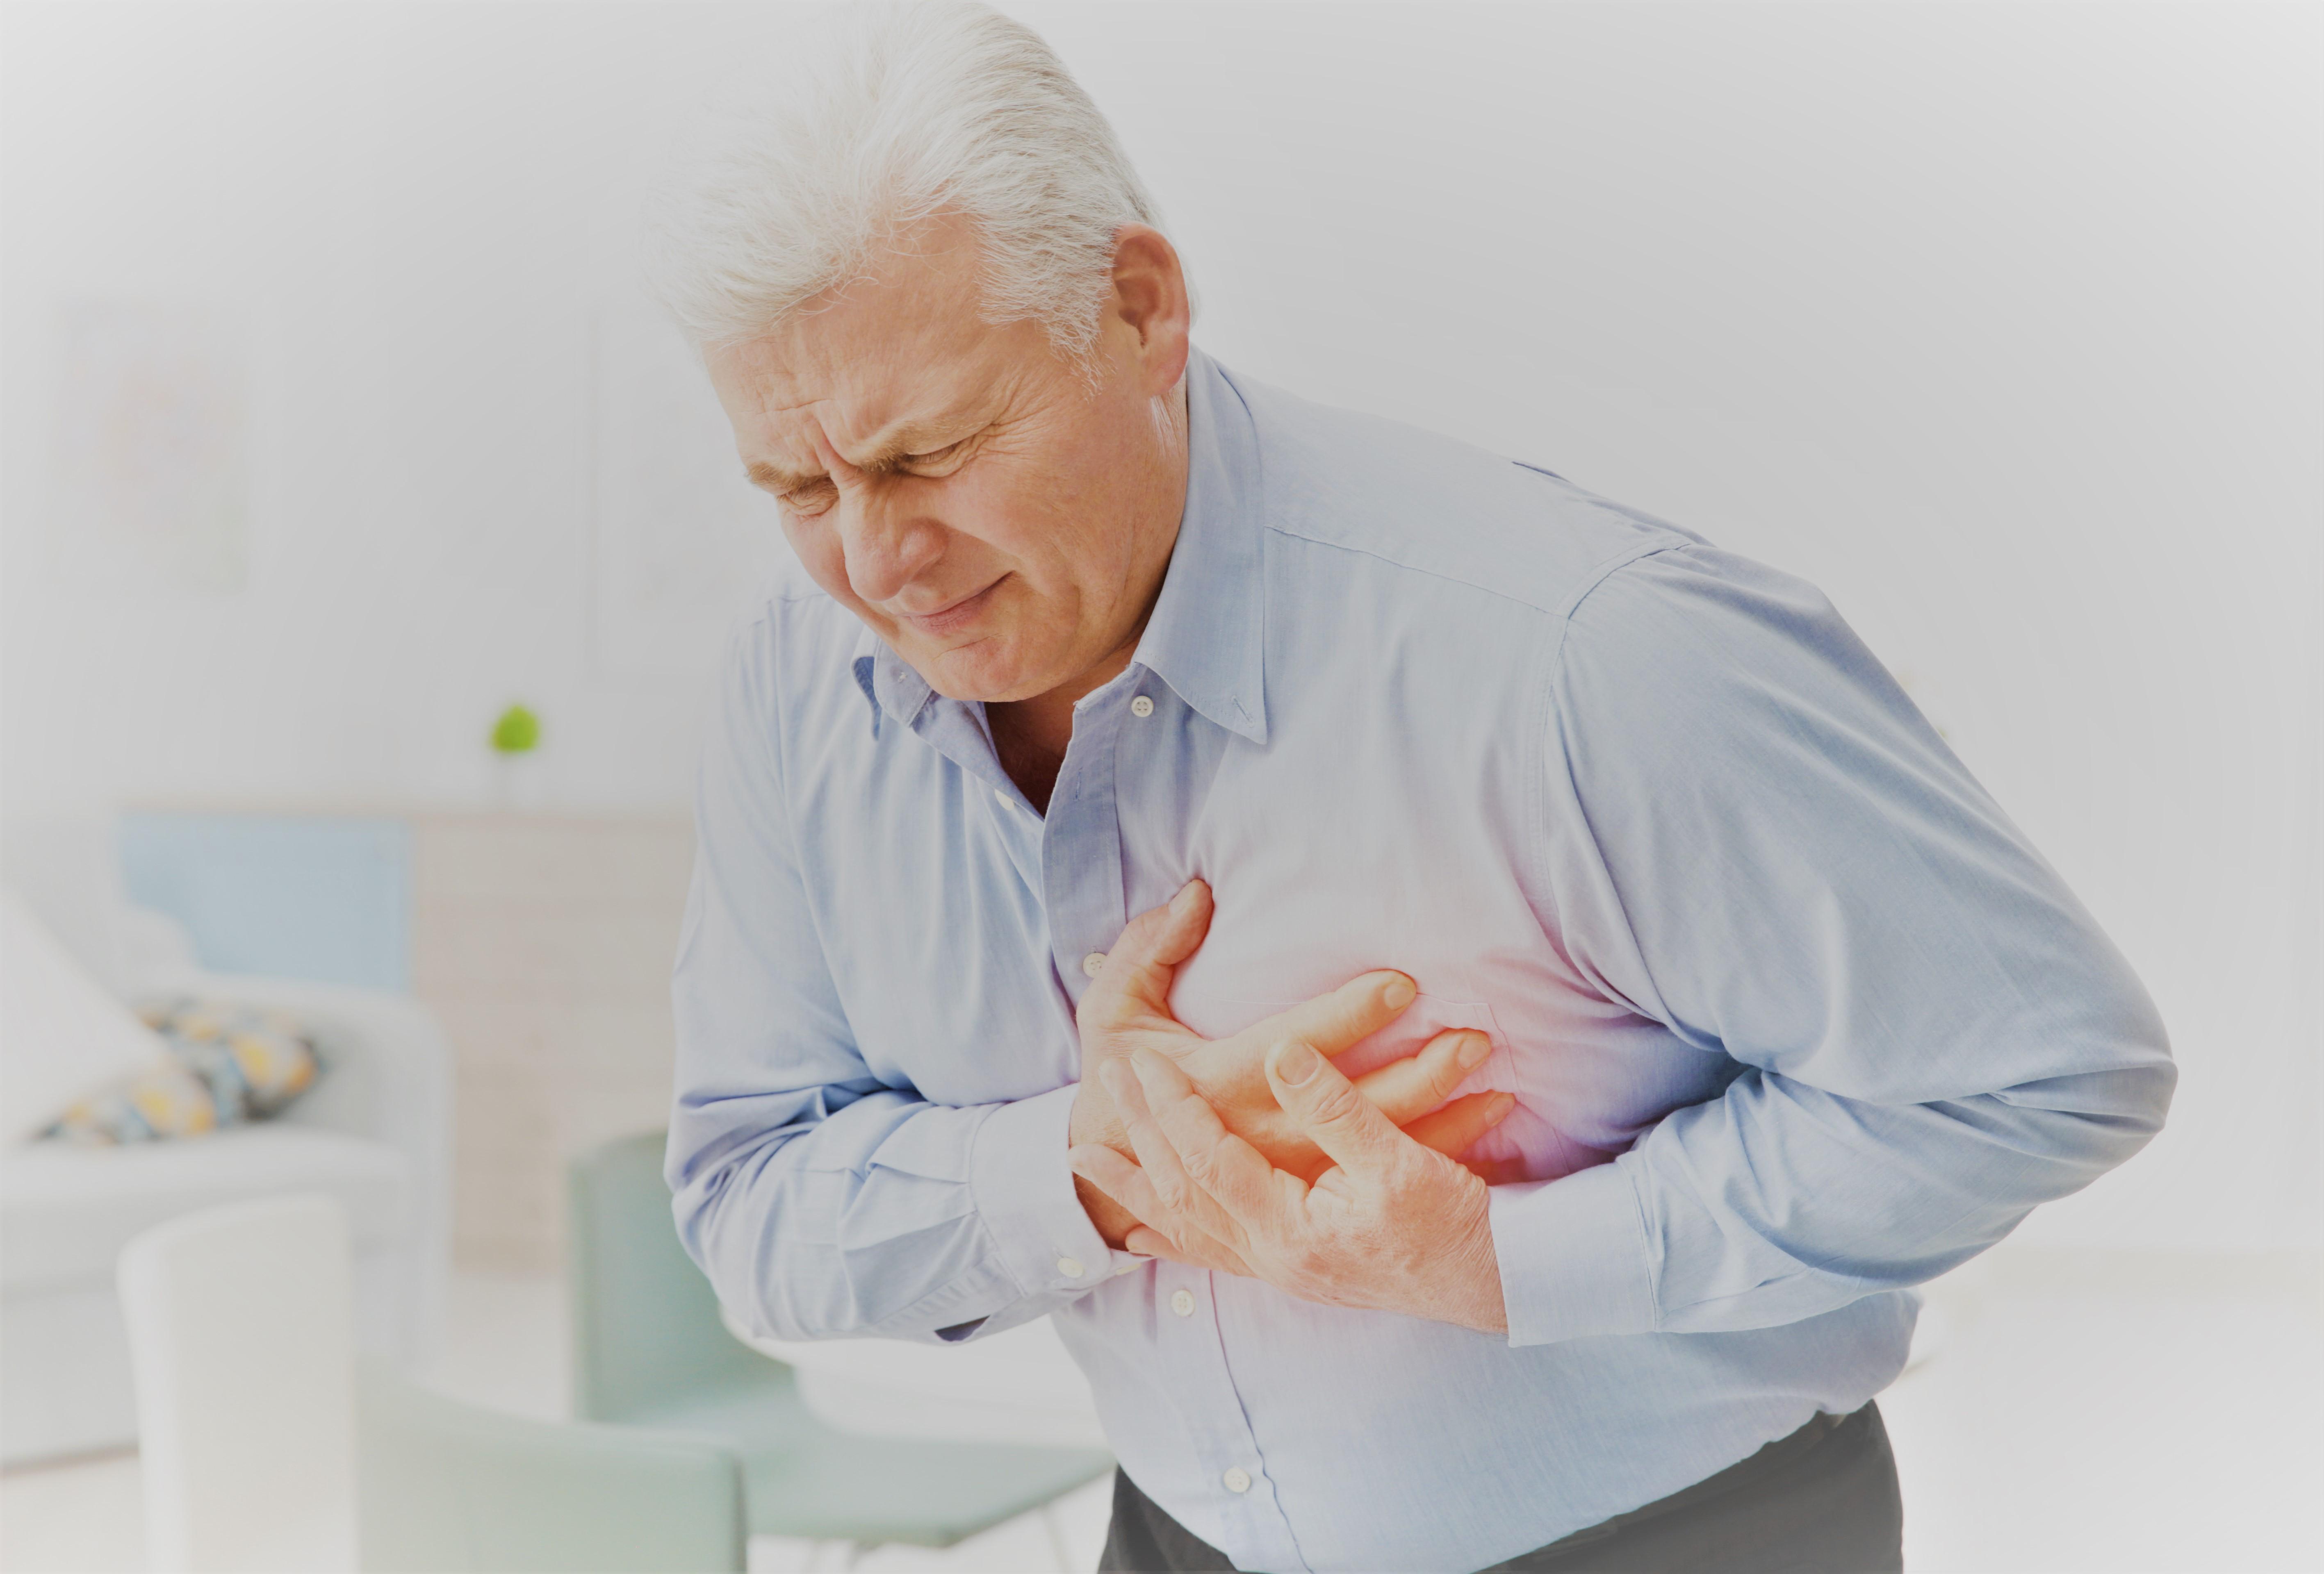 Mellkasi fájdalom: honnan tudhatod, hogy a szíved okozza? - Egészség | Femina